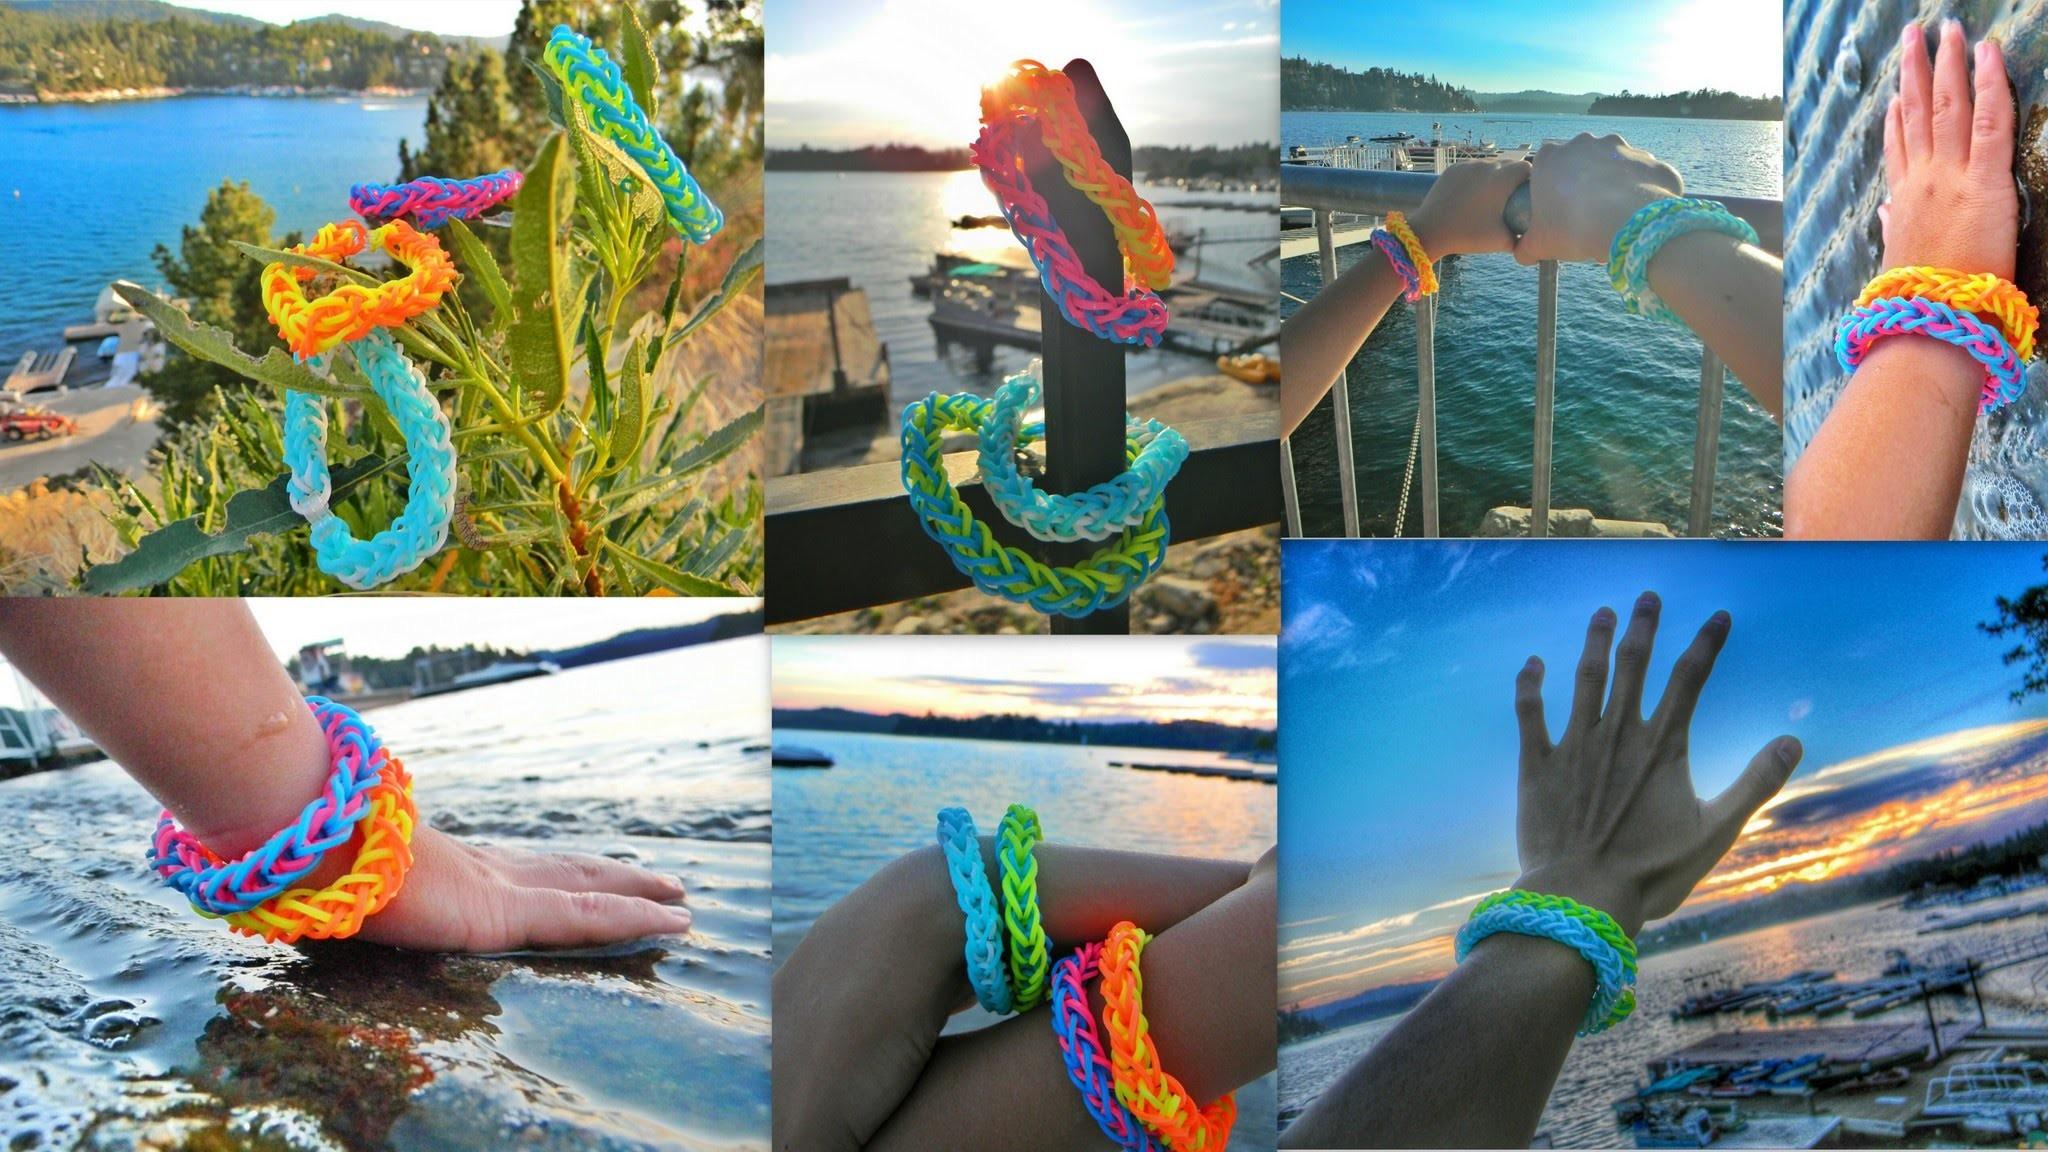 Diy French Braid Rainbow Loom Bracelet